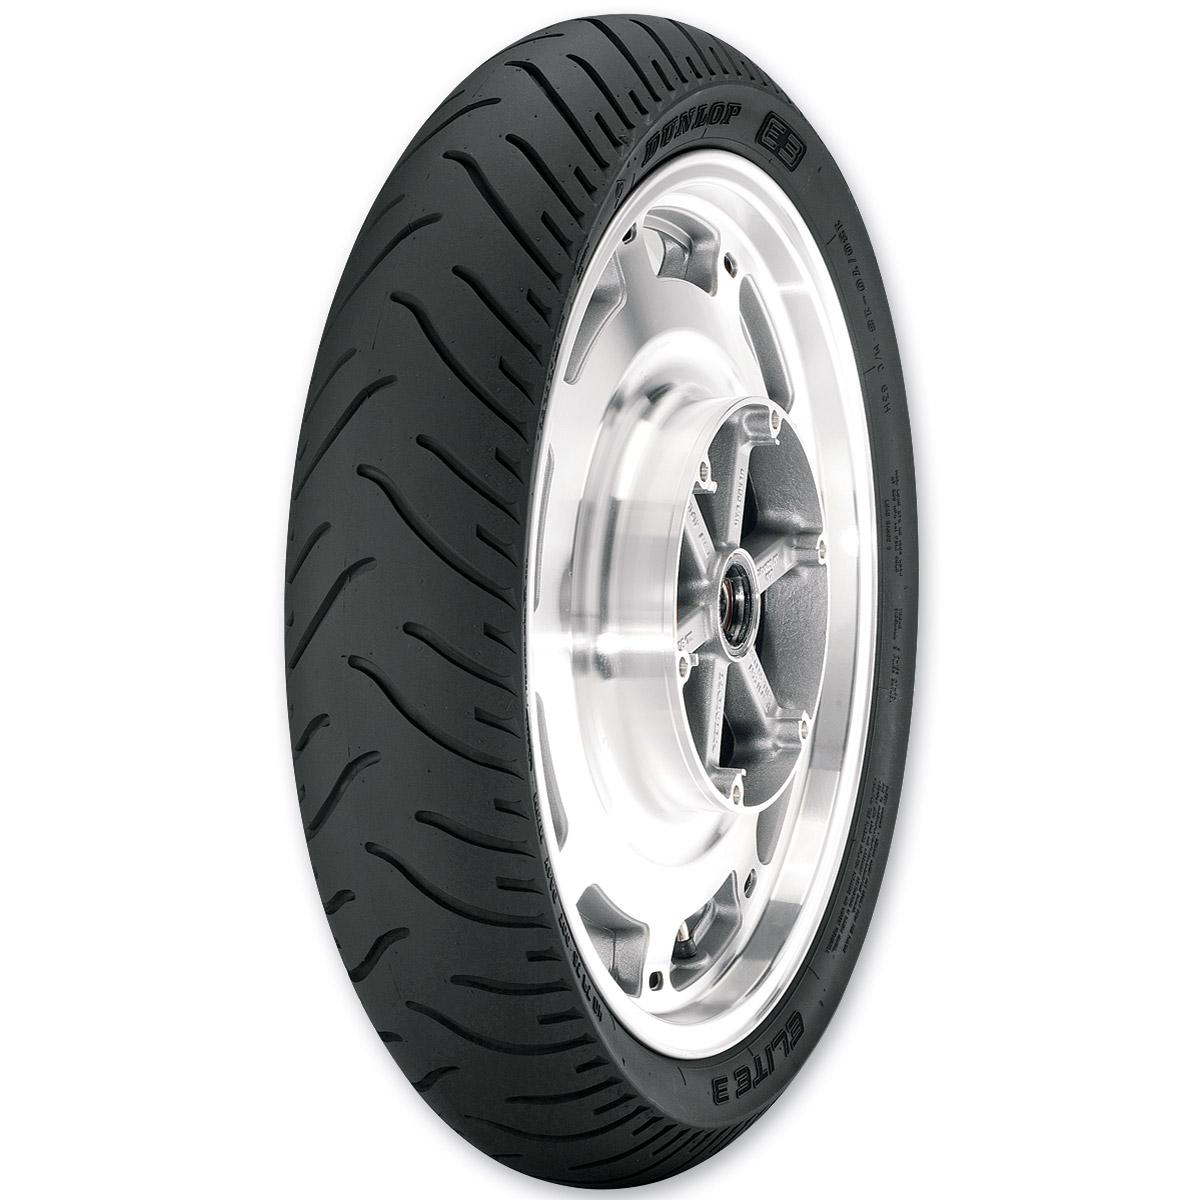 Dunlop Elite 3 150/80R17 Front Tire